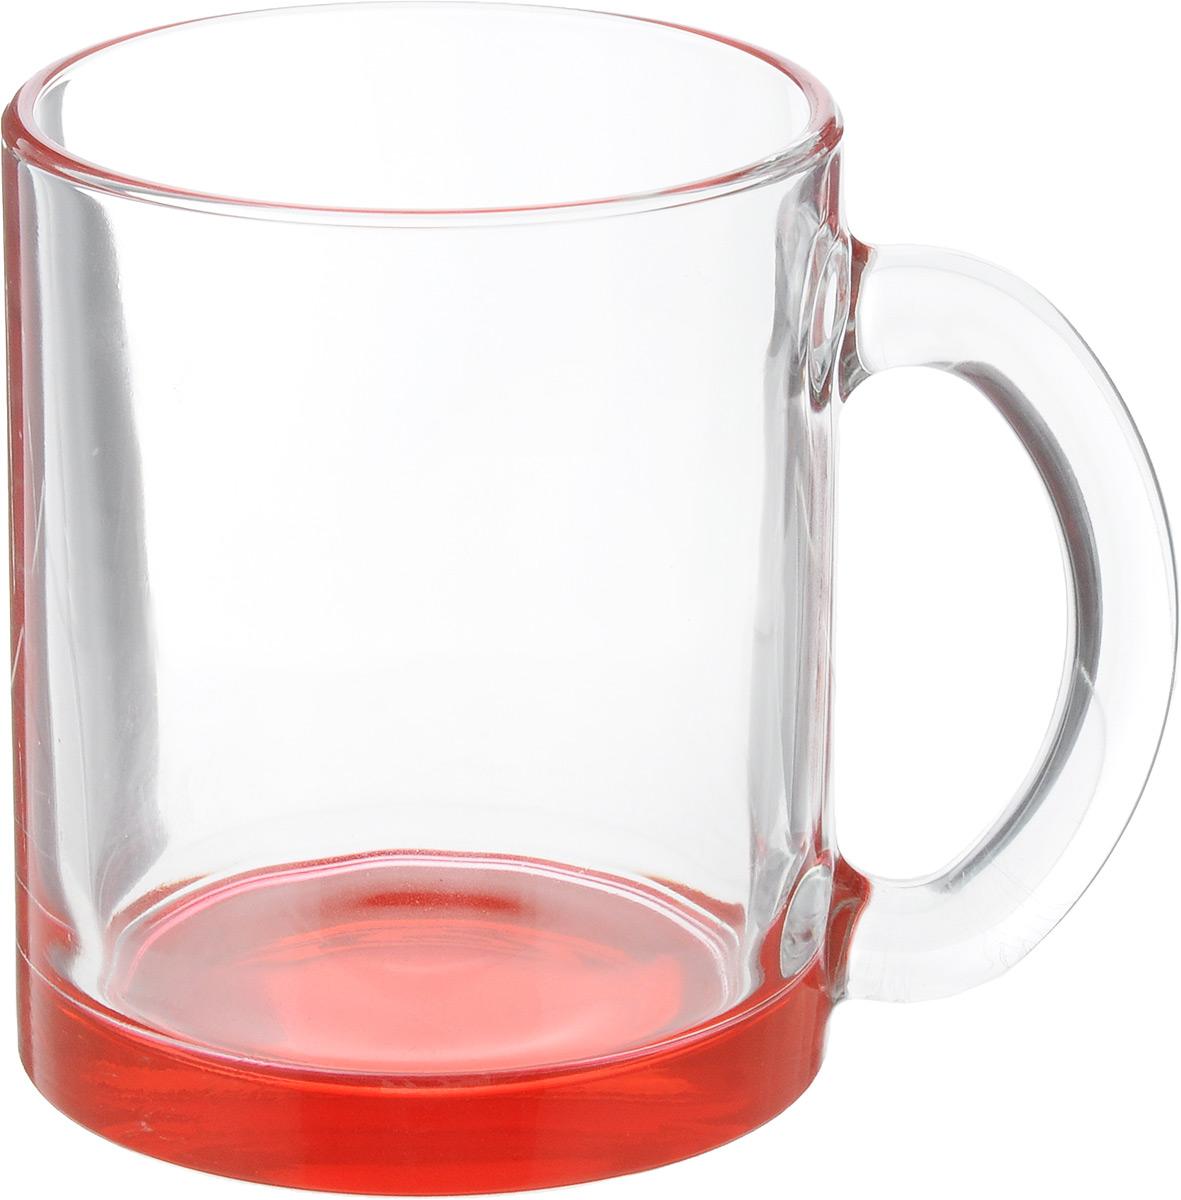 Кружка OSZ Чайная, цвет: прозрачный, красный, 320 мл04C1208LM_прозрачный, красныйКружка OSZ Чайная изготовлена из стекла двух цветов. Изделие идеально подходит для сервировки стола.Кружка не только украсит ваш кухонный стол, но и подчеркнет прекрасный вкус хозяйки. Диаметр кружки (по верхнему краю): 8 см. Высота кружки: 9,5 см. Объем кружки: 320 мл.